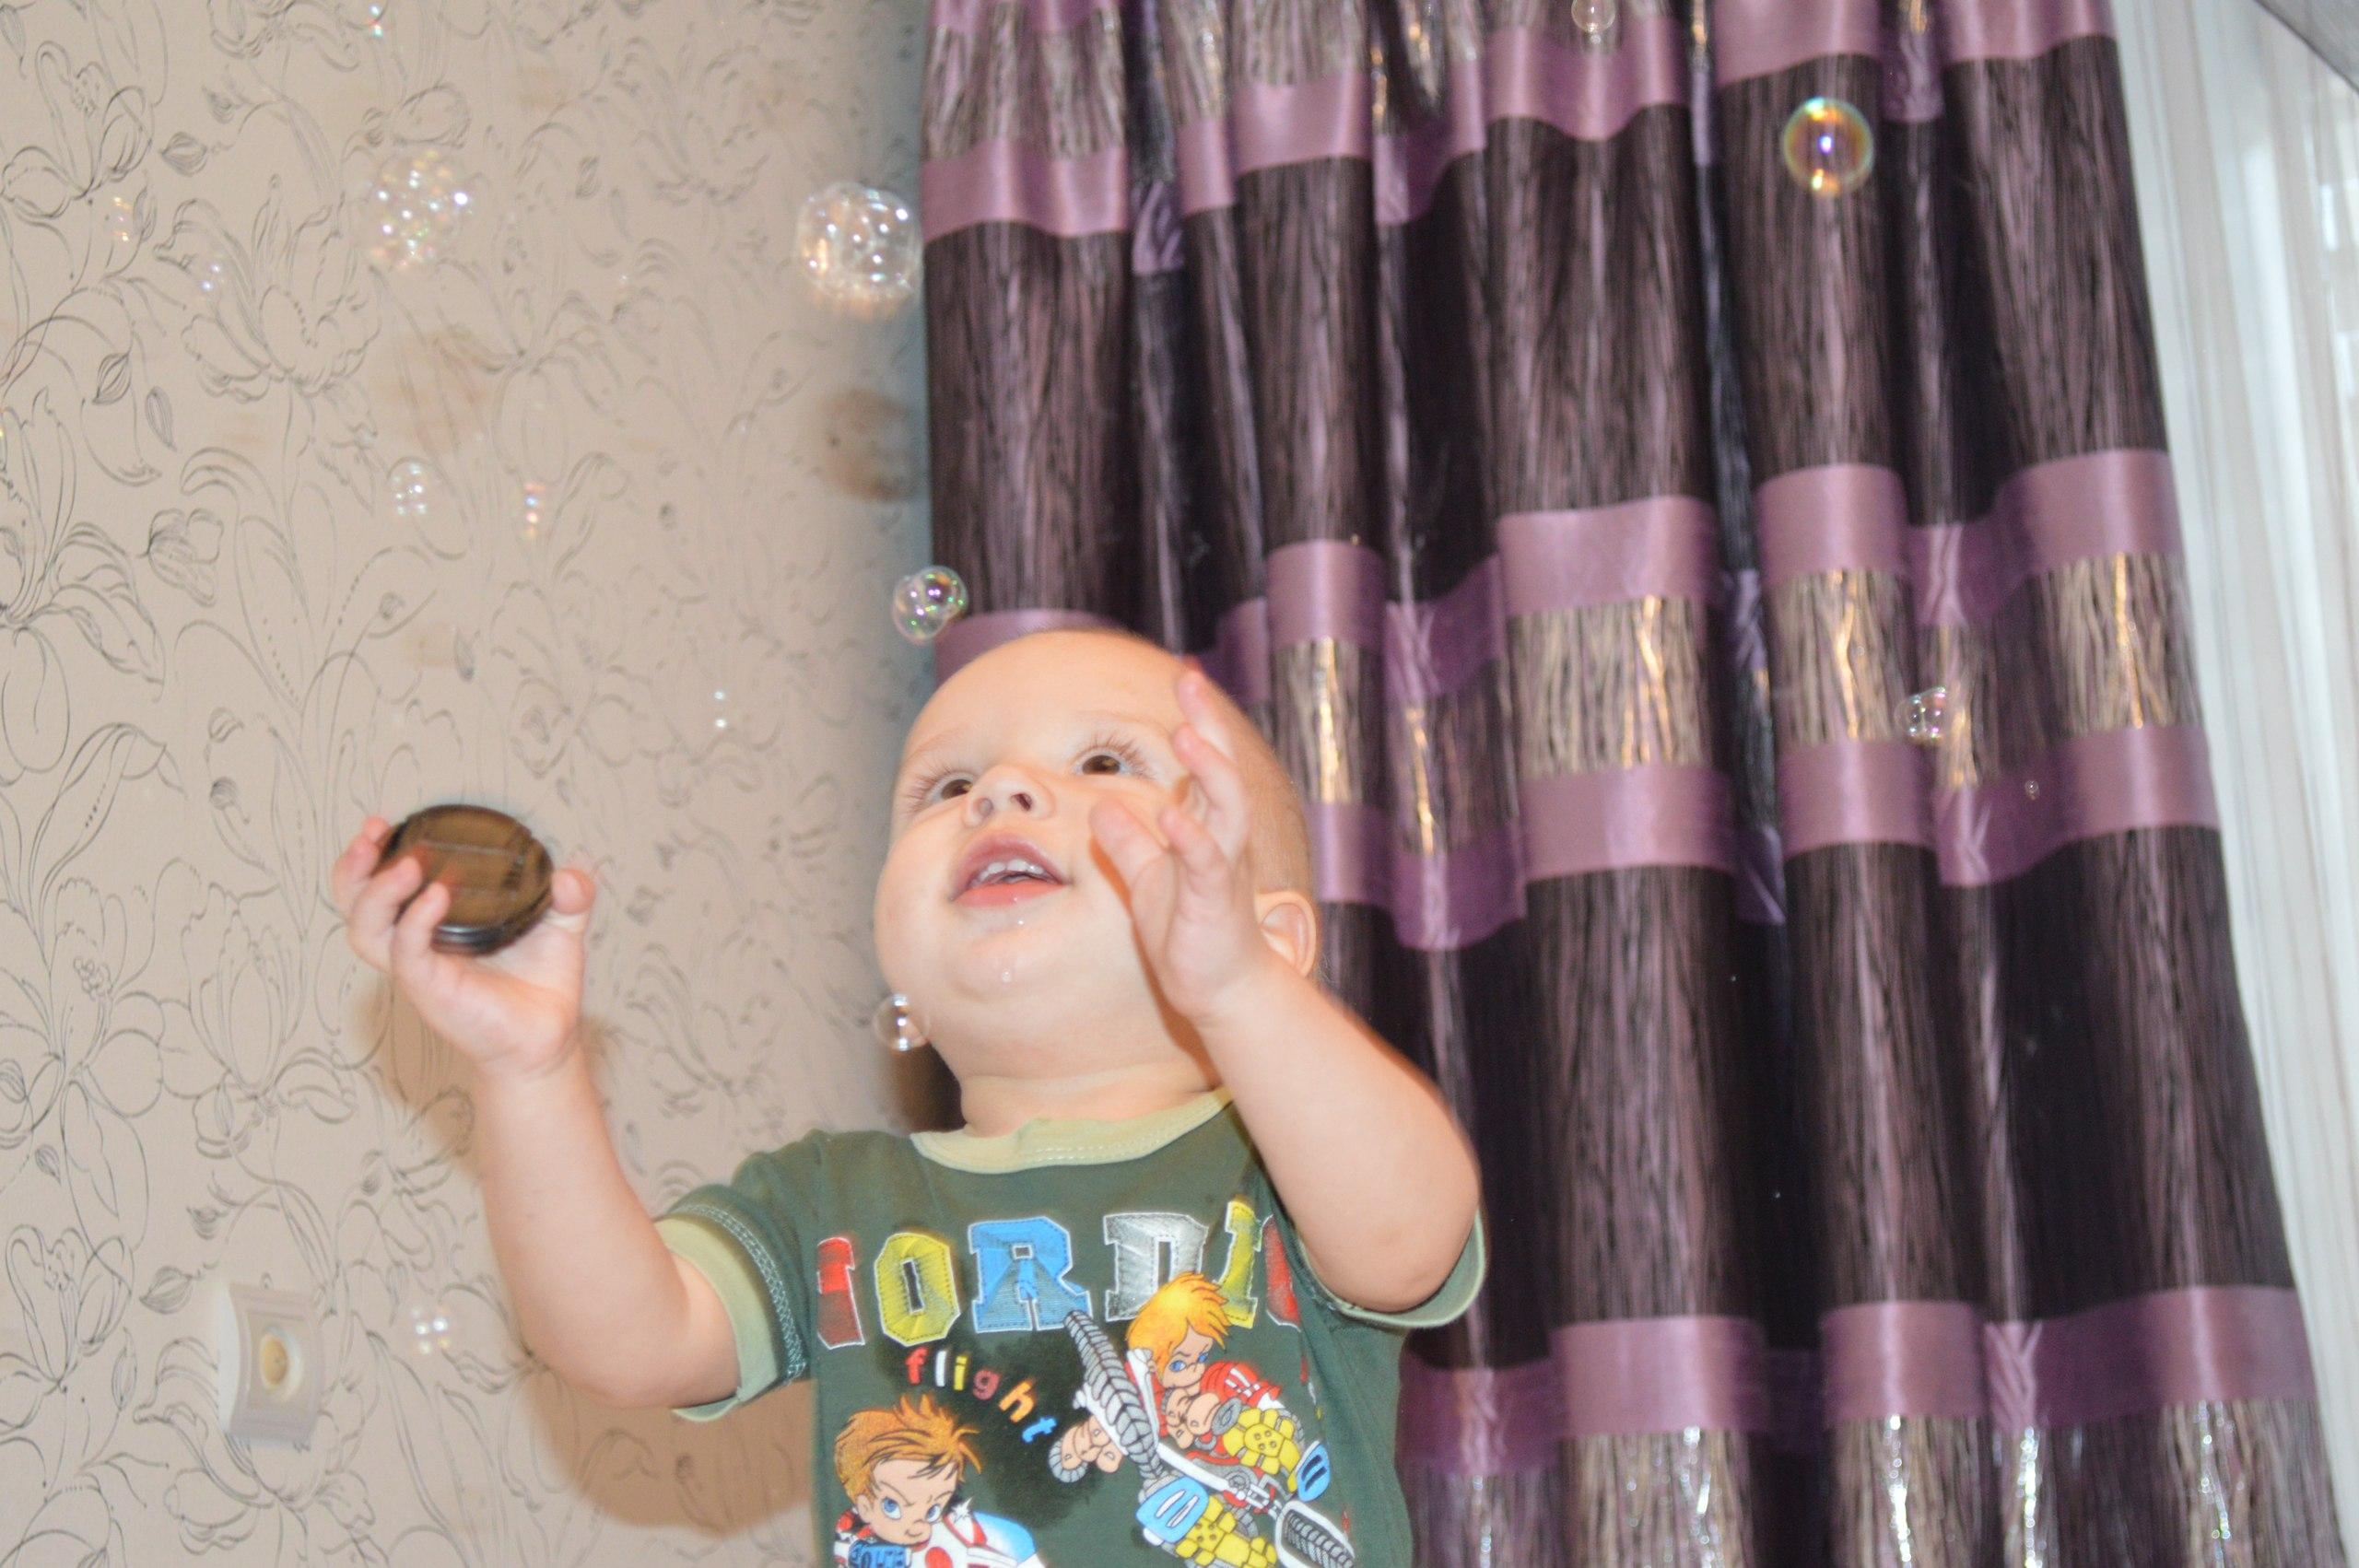 Люблю играть с мыльными пузырями. Лапочка